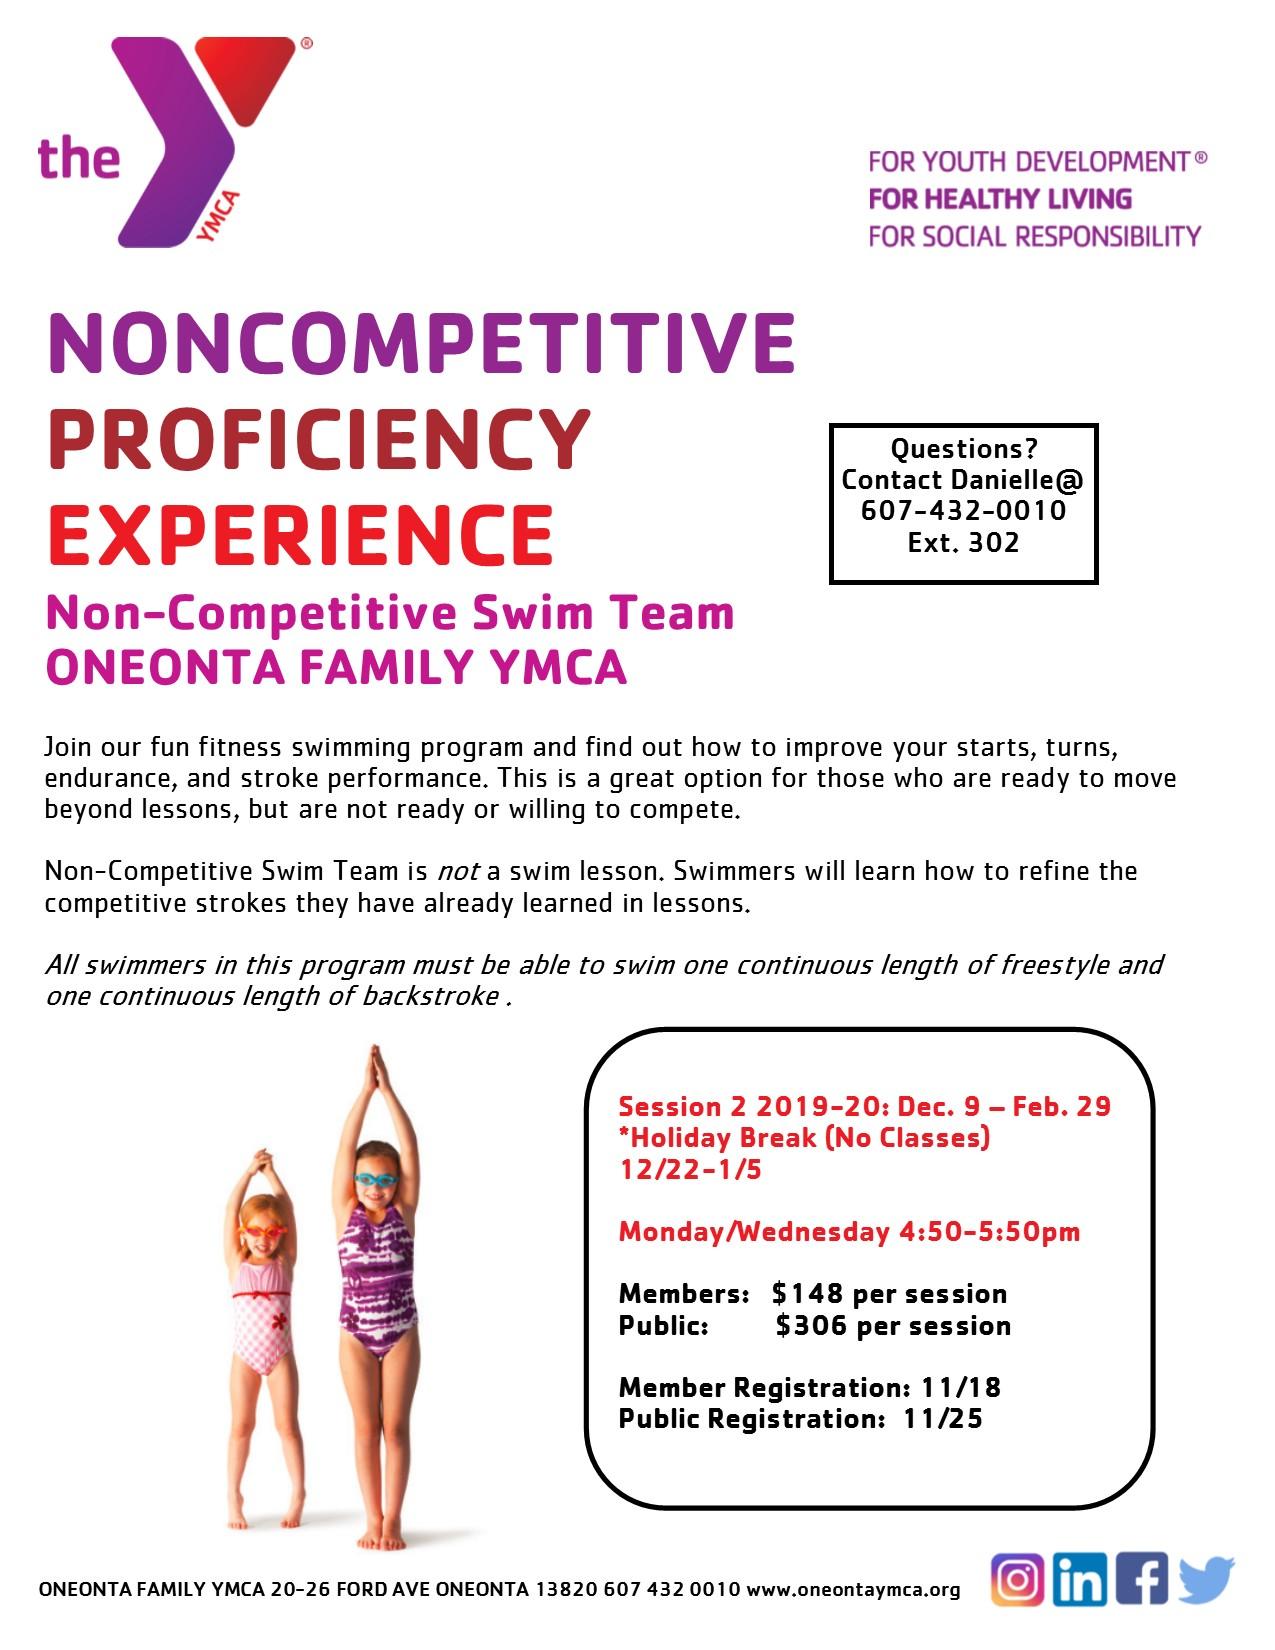 Non-Competitive Swim Team